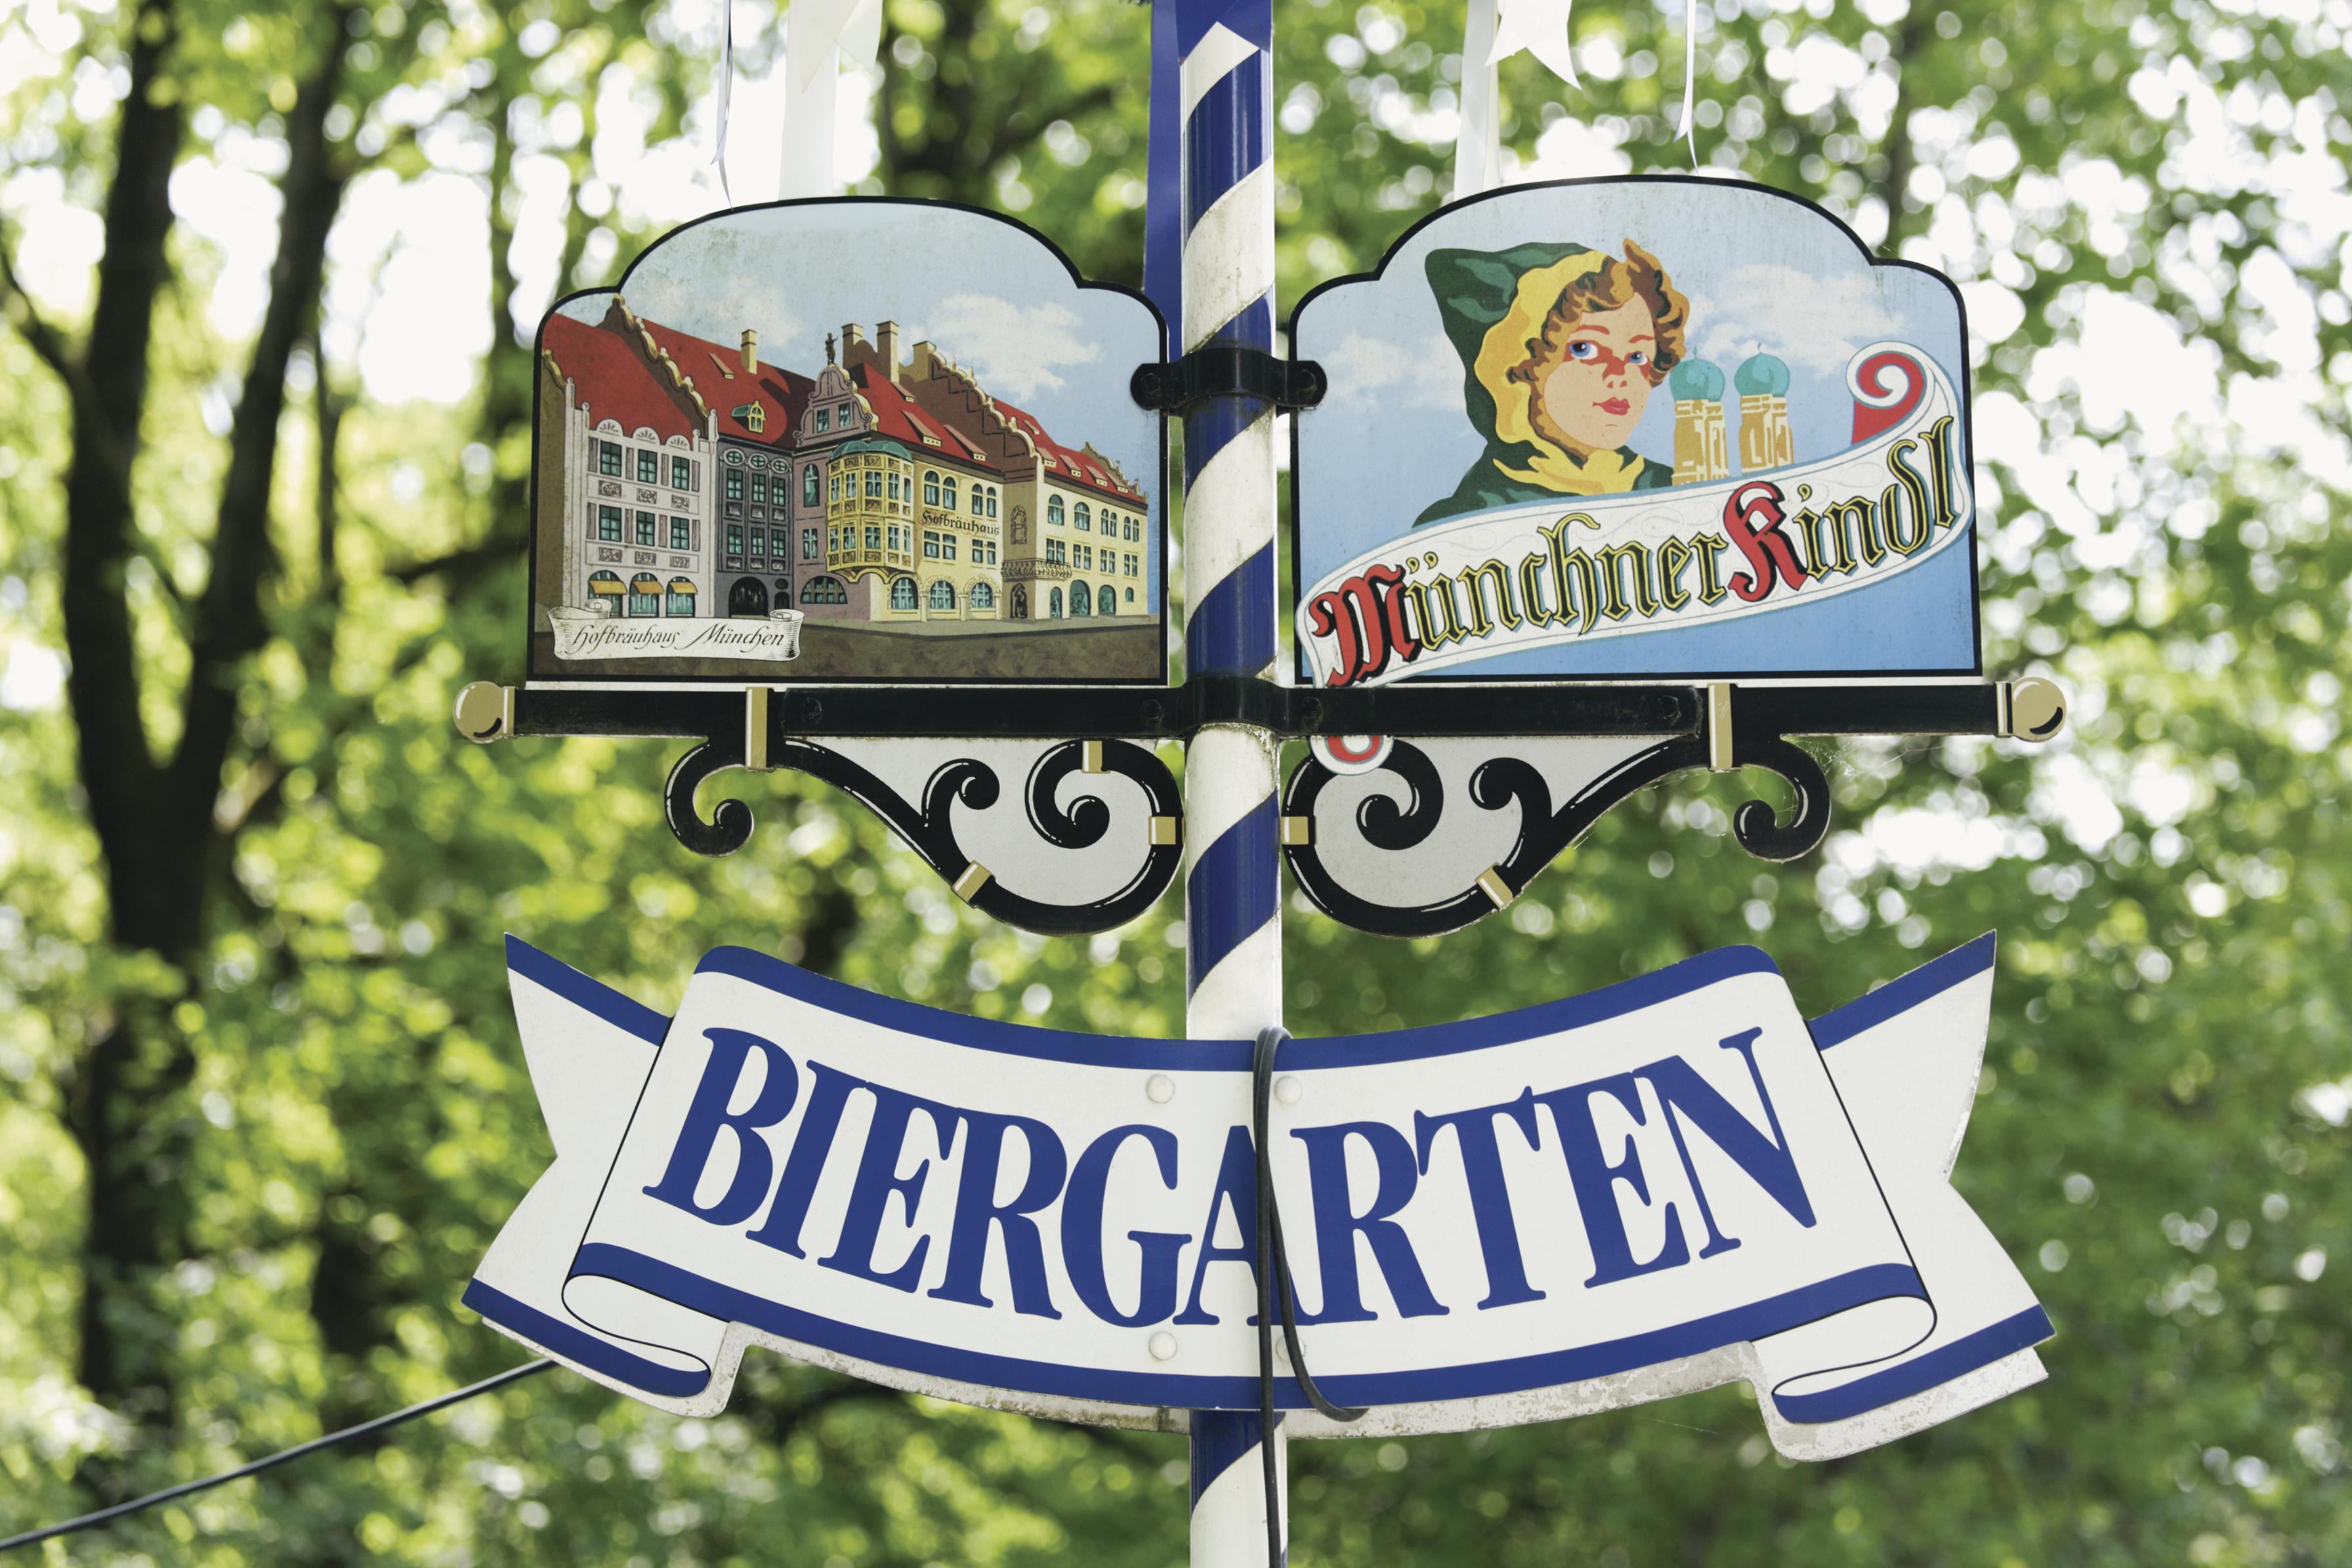 Placa de Biergarten, Munique, Alemanha